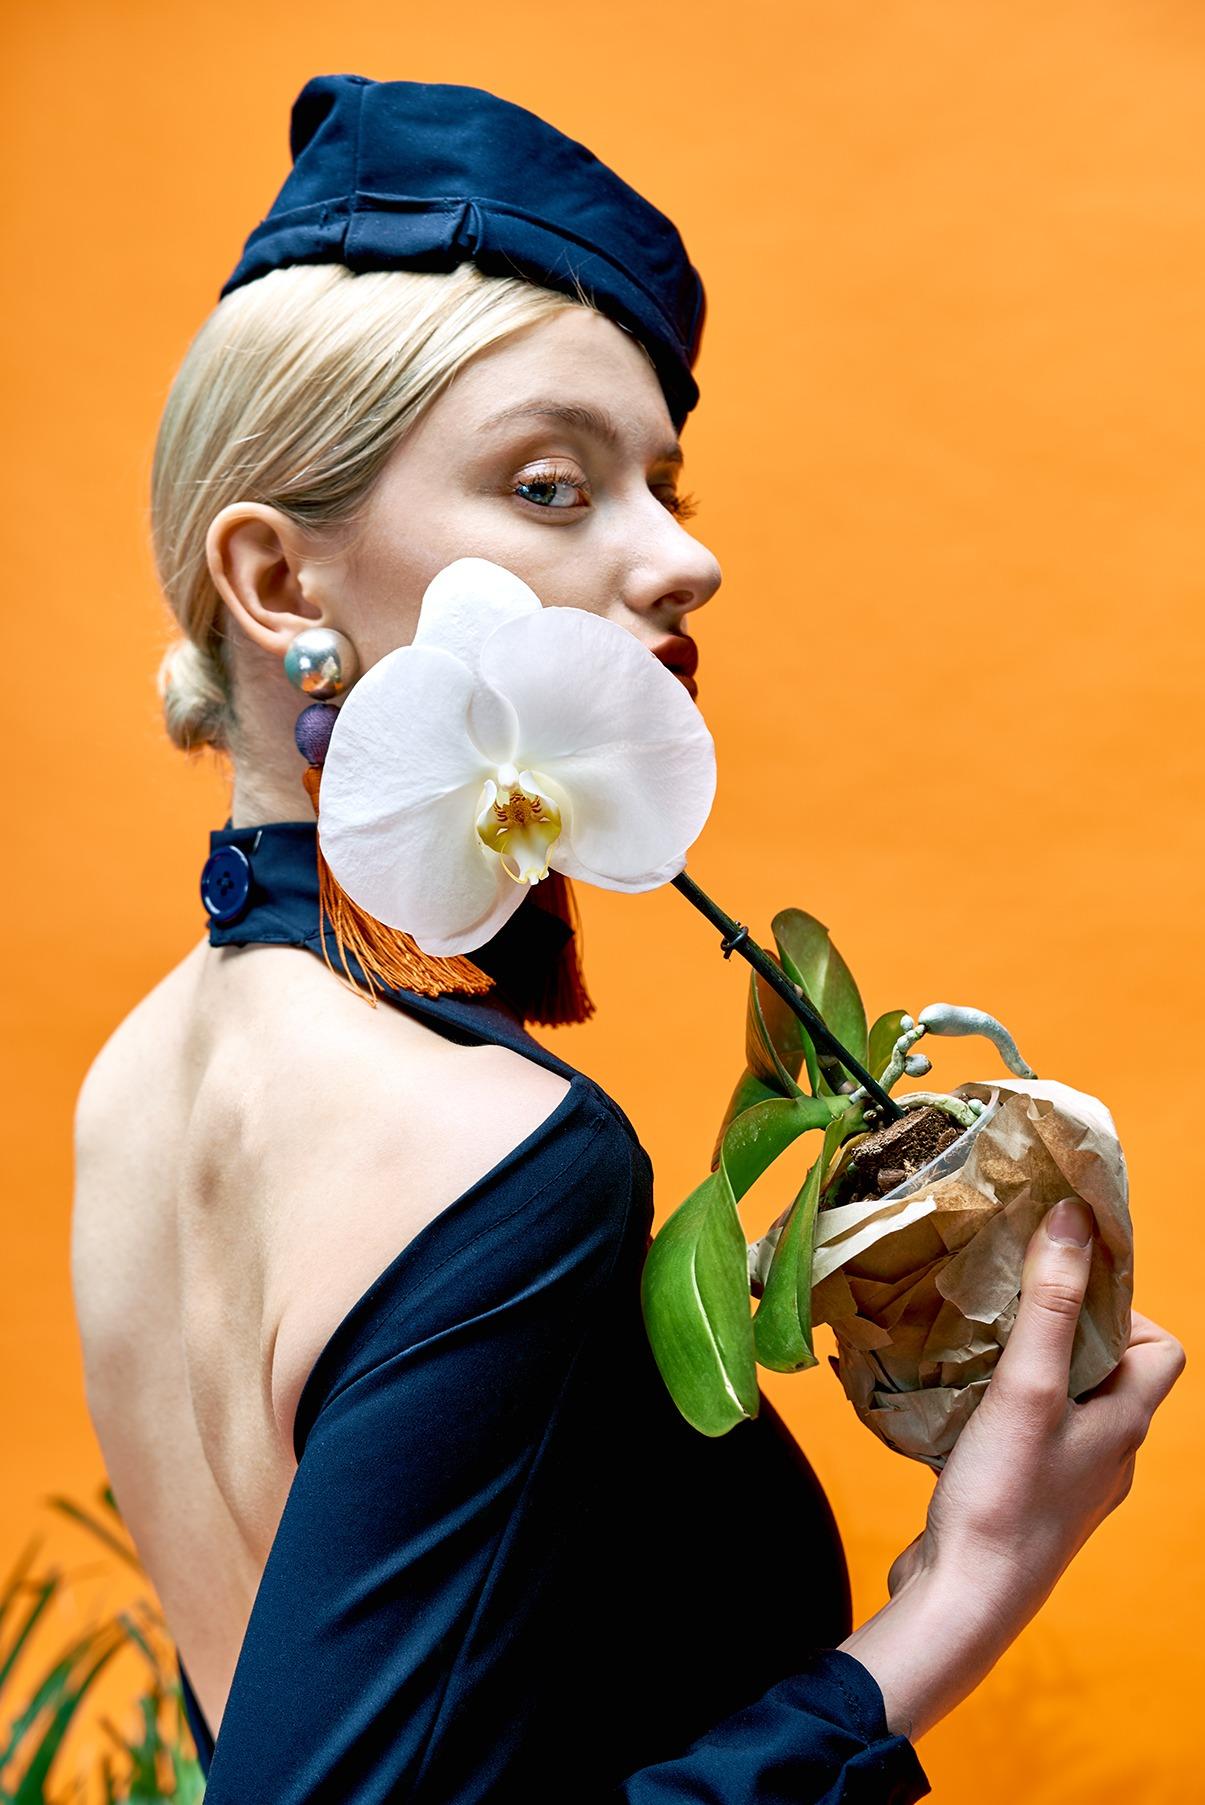 Modefotografie straubmuellerstudios Stuttgart frau mit blume